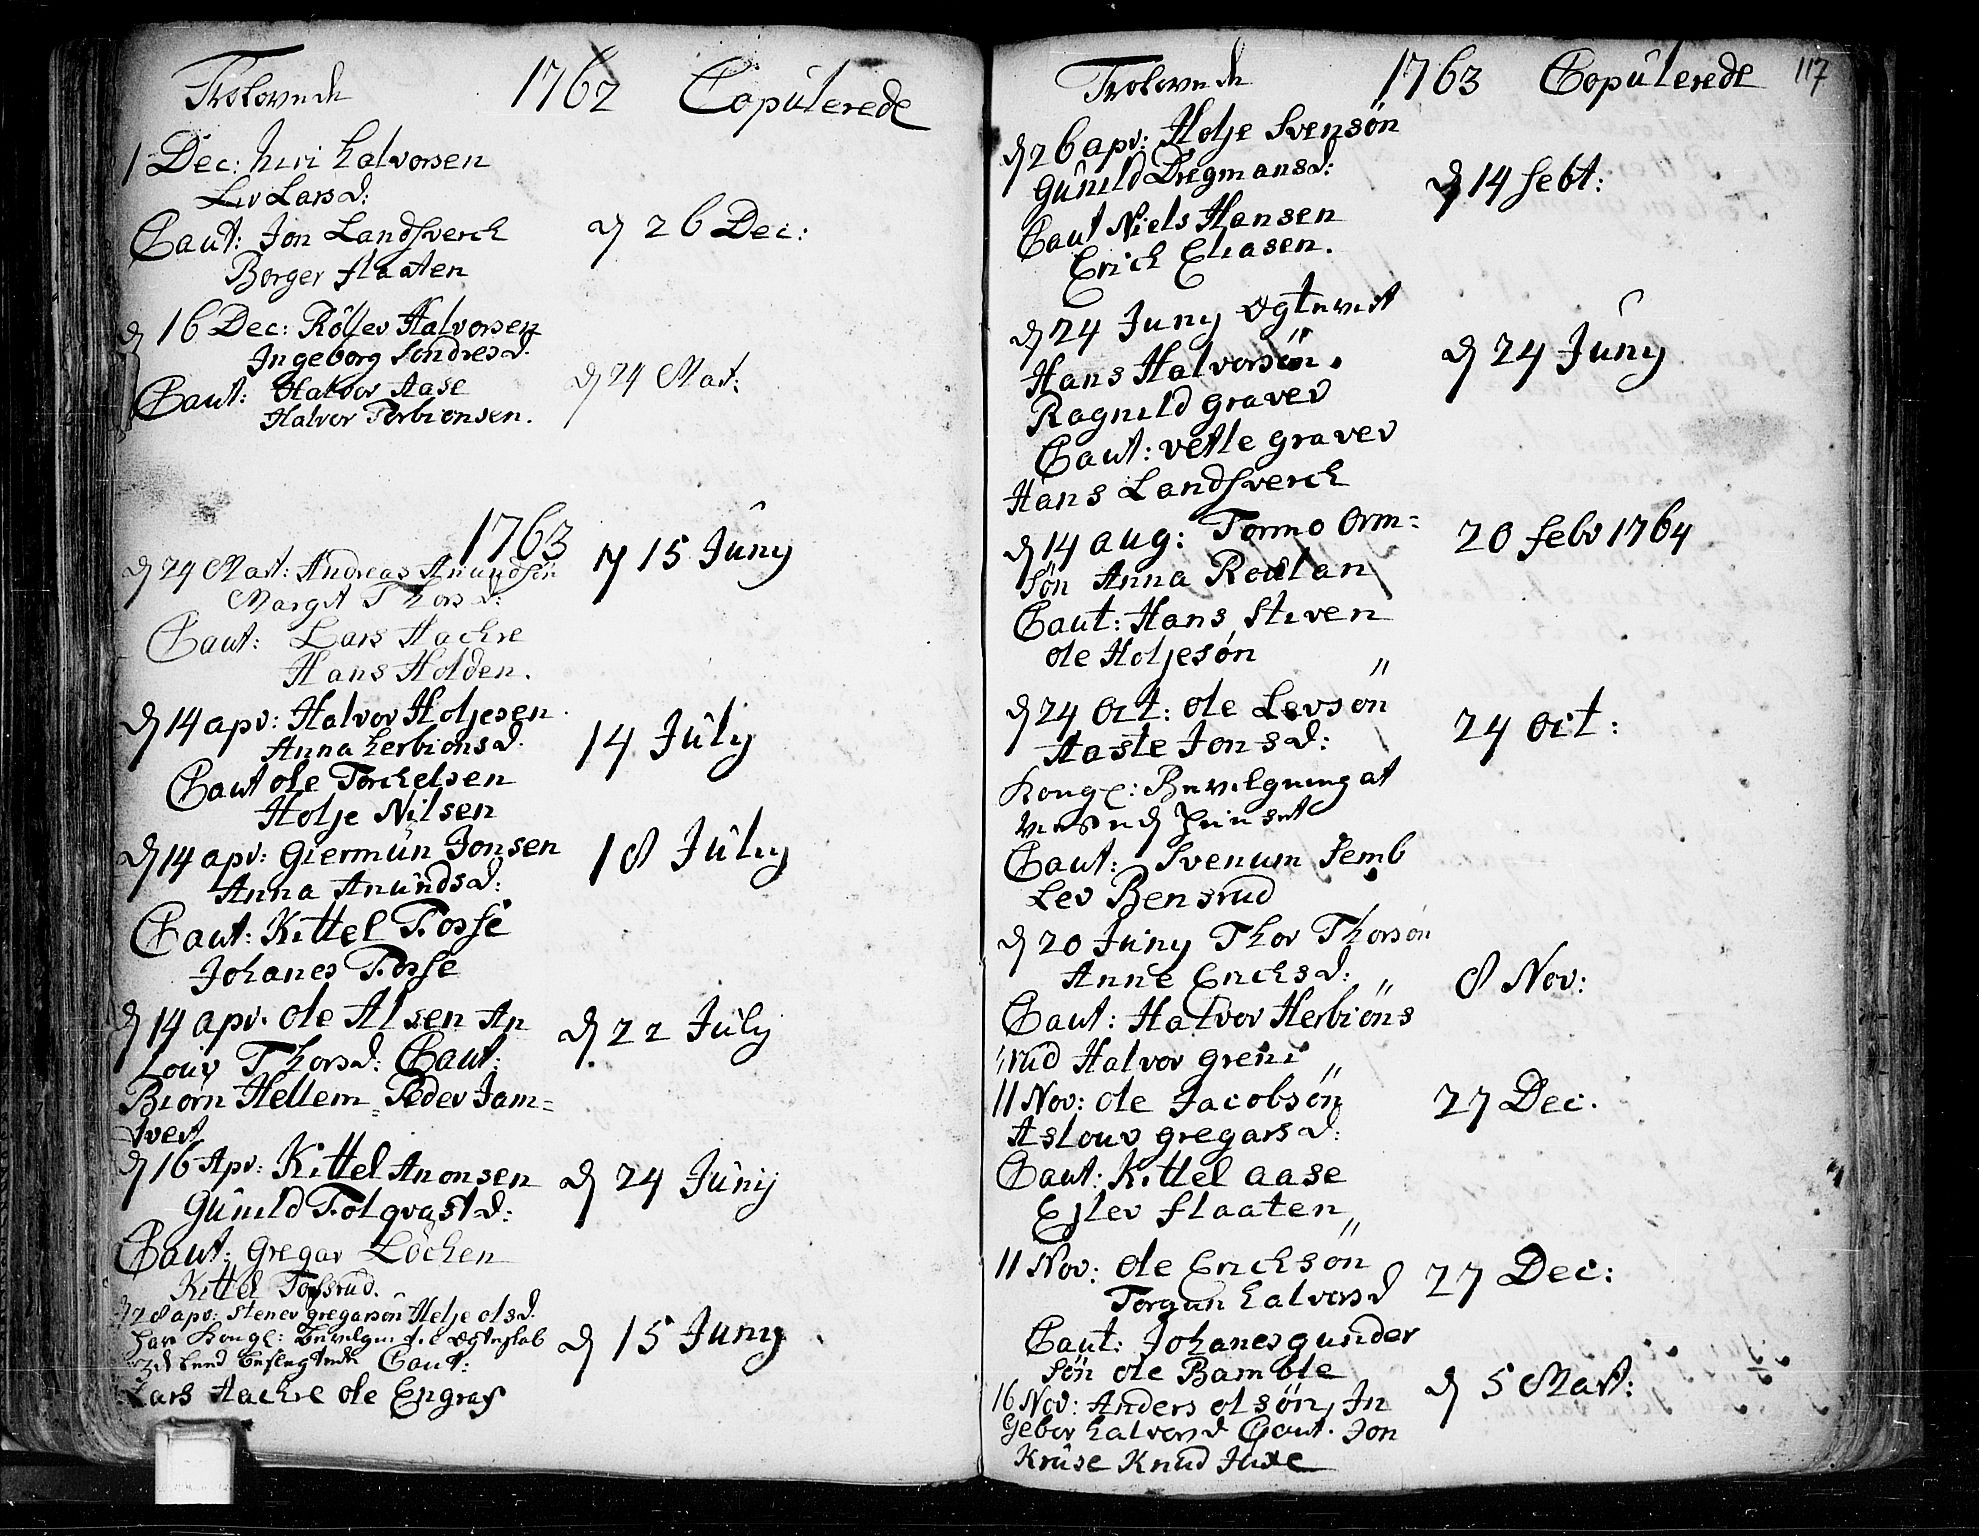 SAKO, Heddal kirkebøker, F/Fa/L0003: Ministerialbok nr. I 3, 1723-1783, s. 117